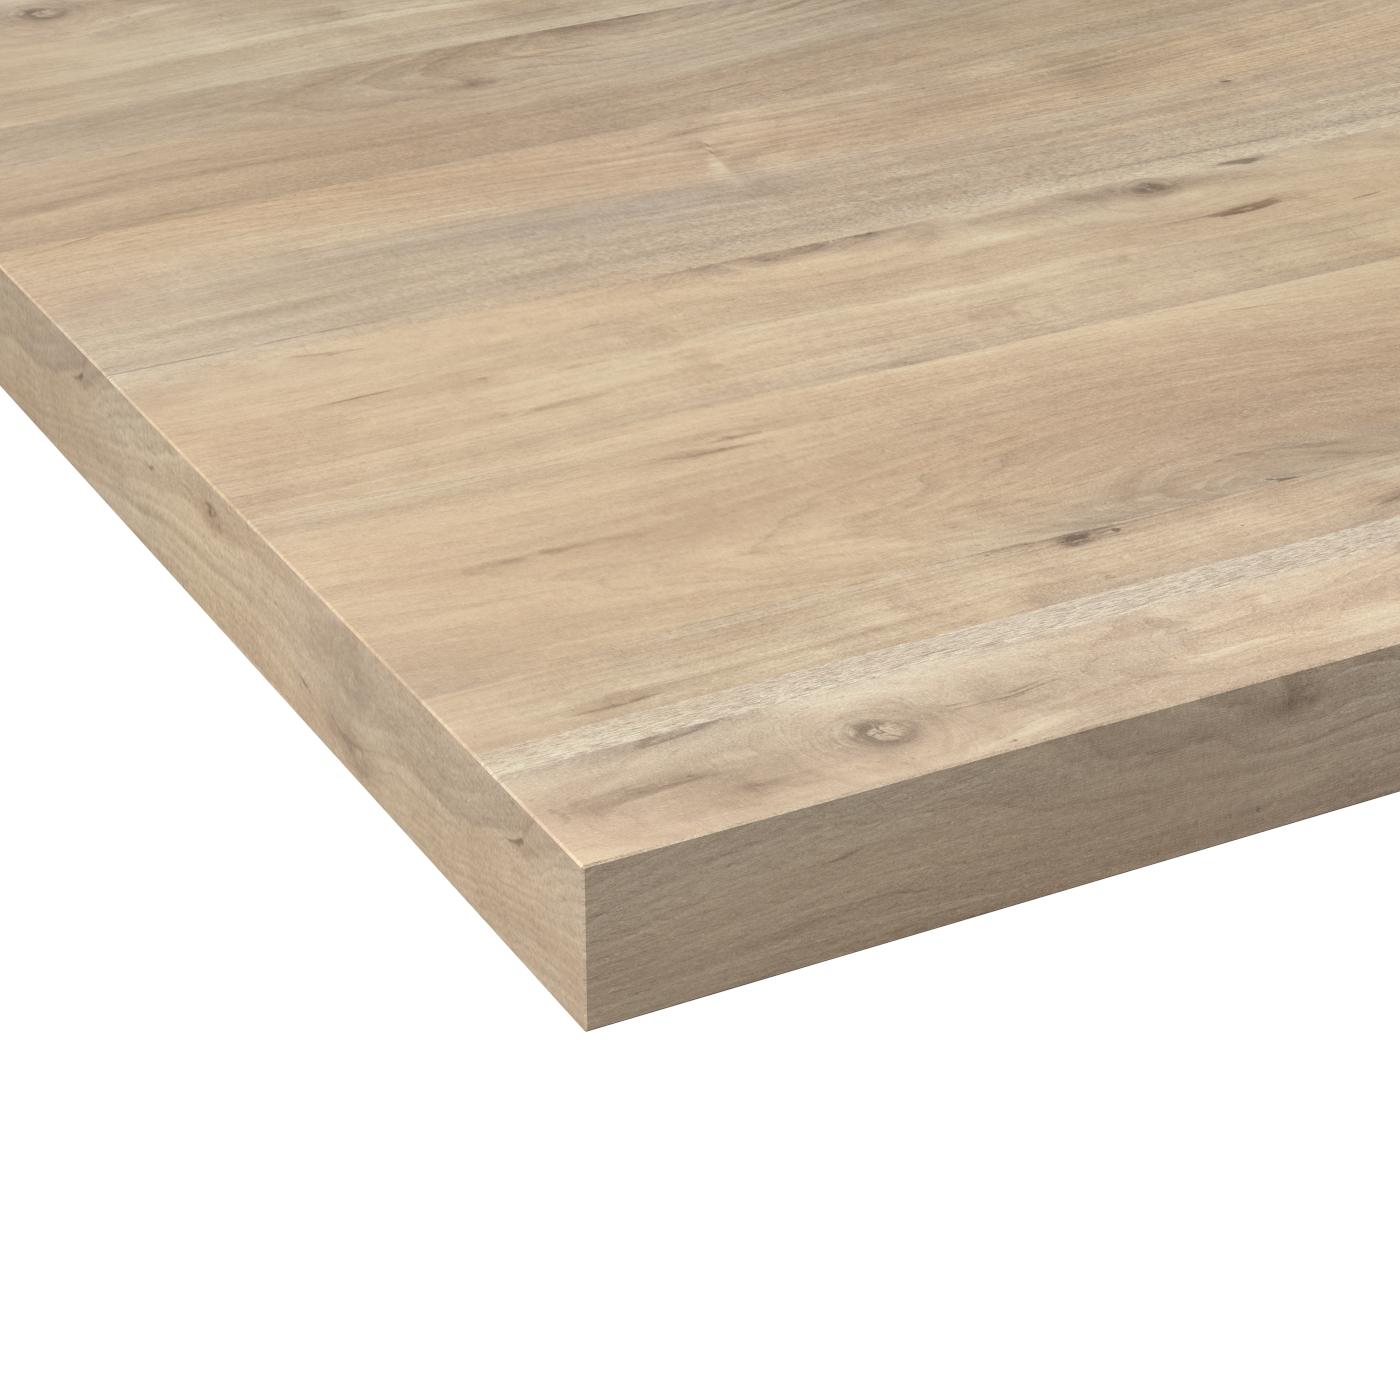 Nettoyer Un Plan De Travail Stratifié plan de travail cuisine n°215 décor chêne nordique stratifié, chant  coordonné, l204 x l62 x e3.8 cm, planeko